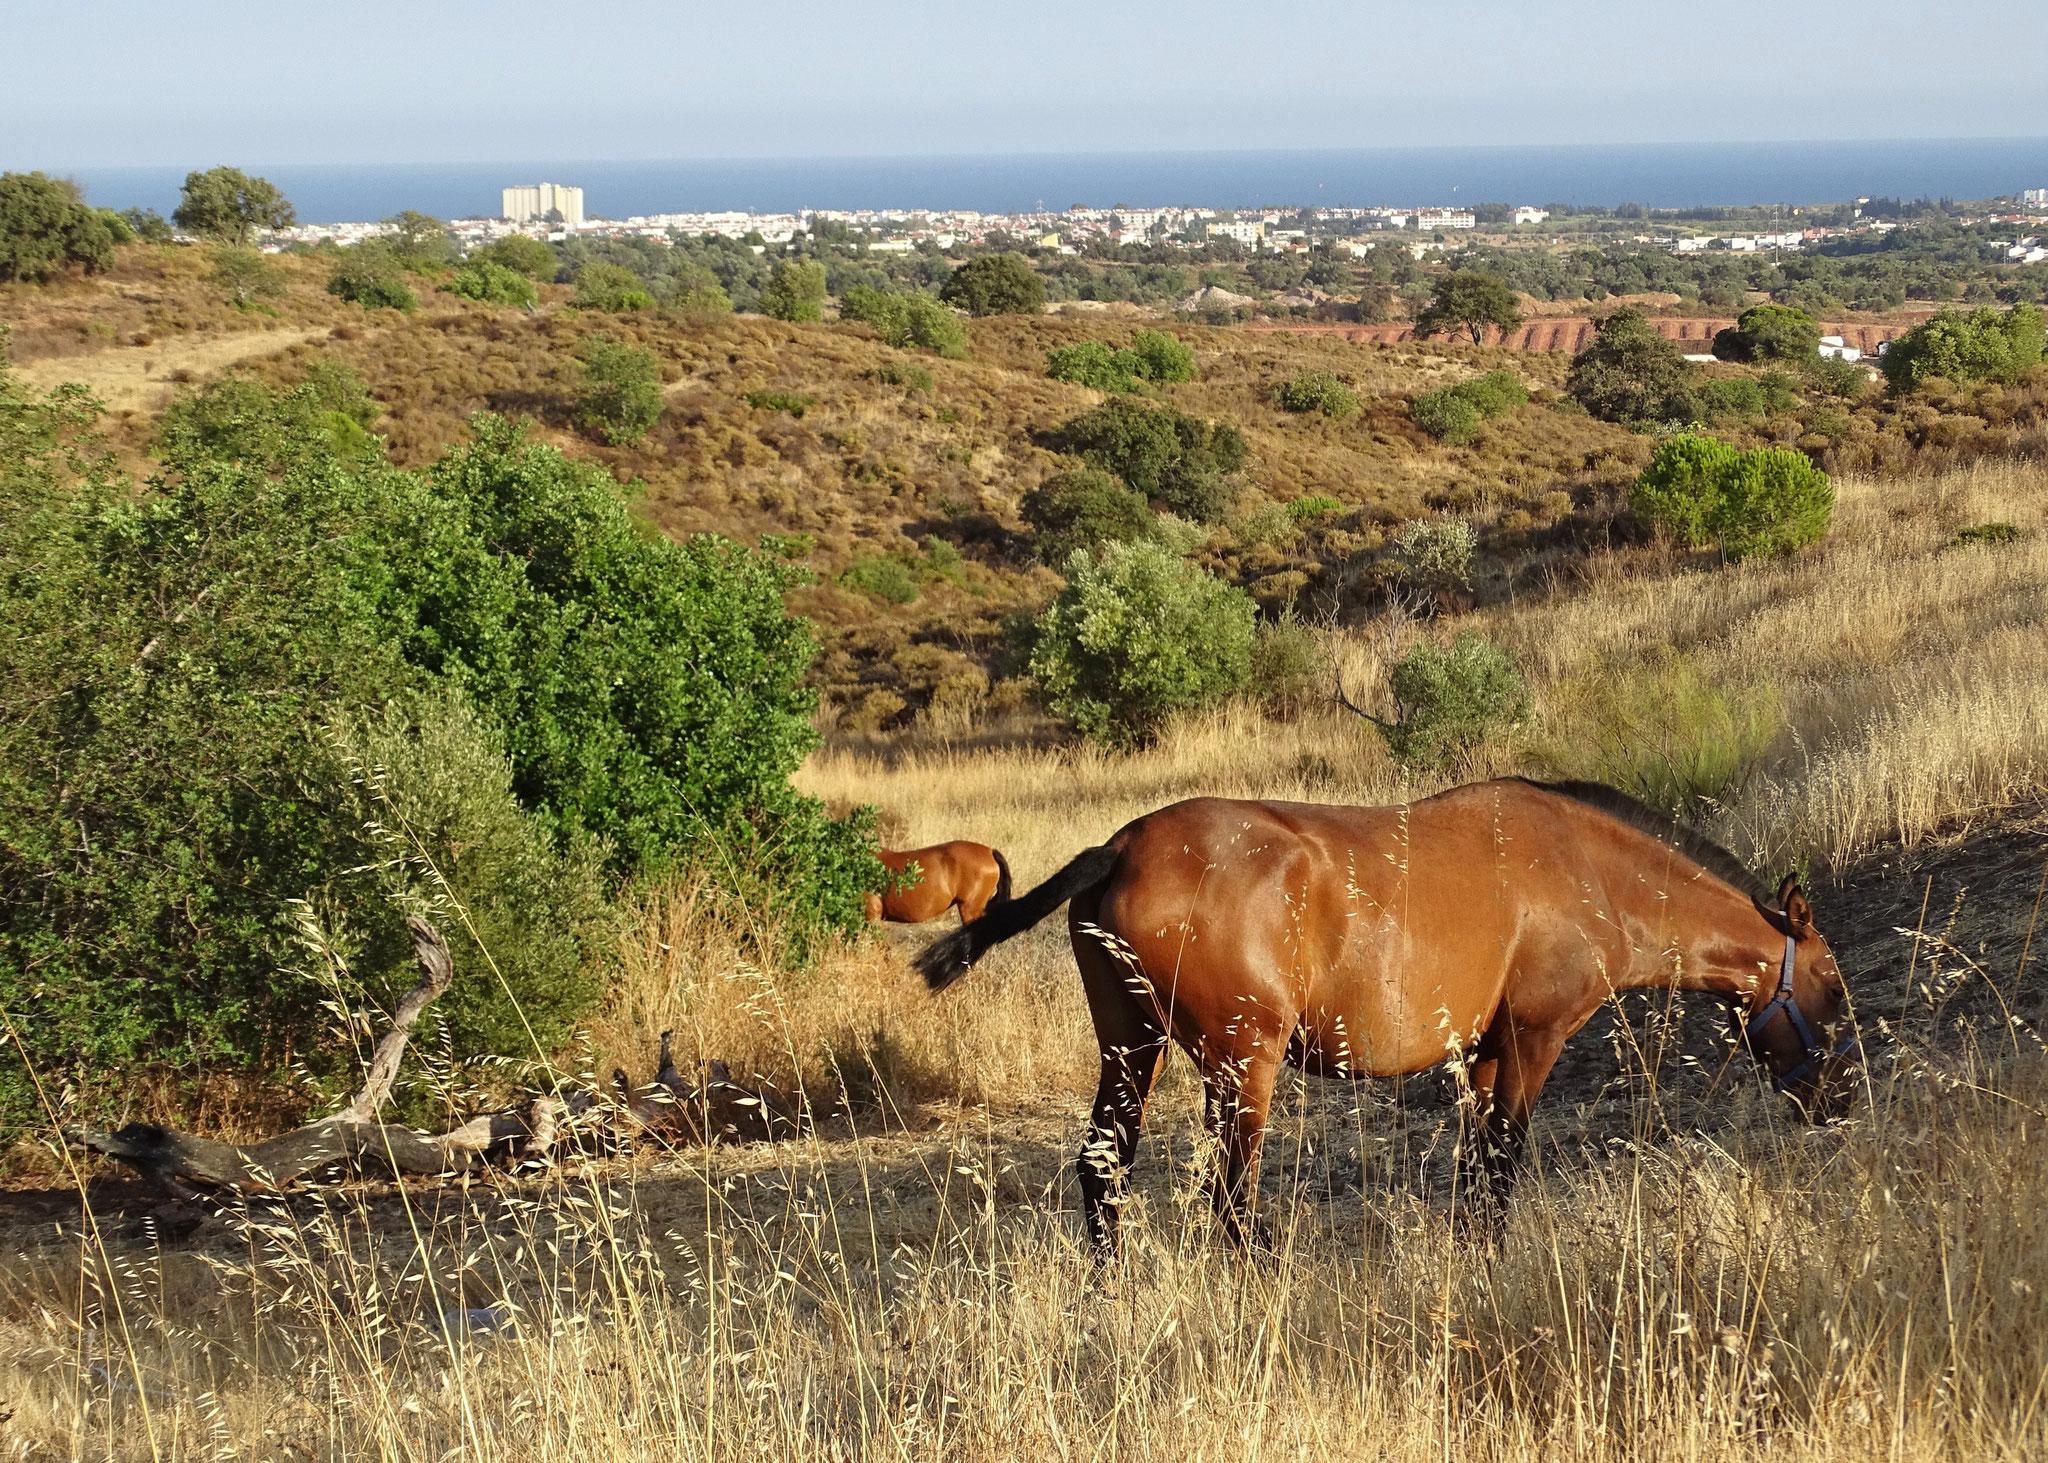 entspannte Pferde grasen vor atemberaubender Kulisse, auch das ist Algarve